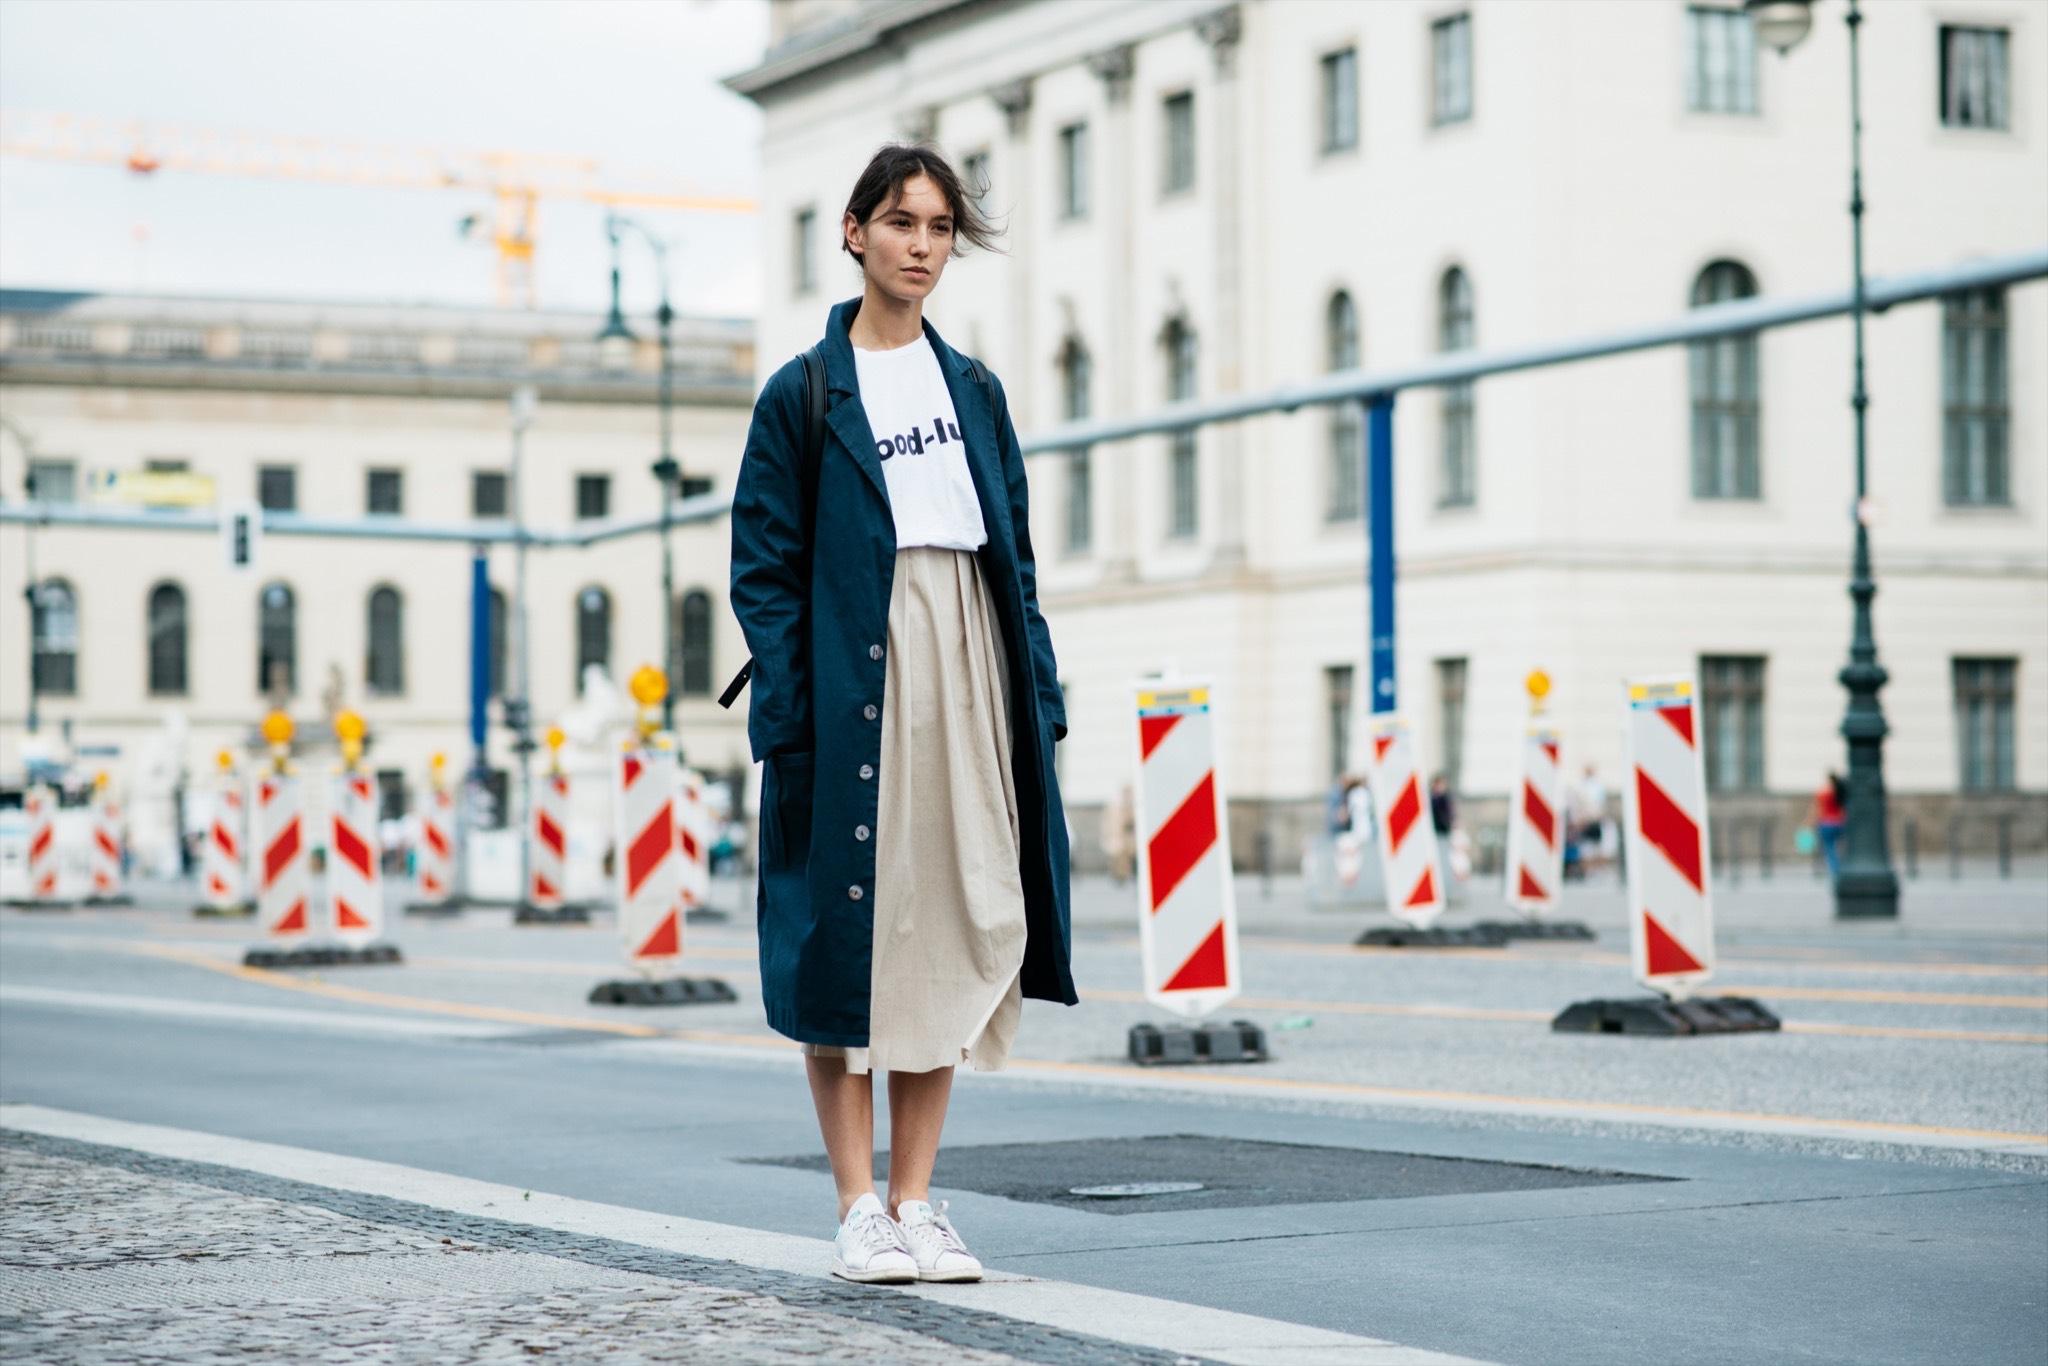 19-berlin-fashion-week-street-style-2015-02.jpg